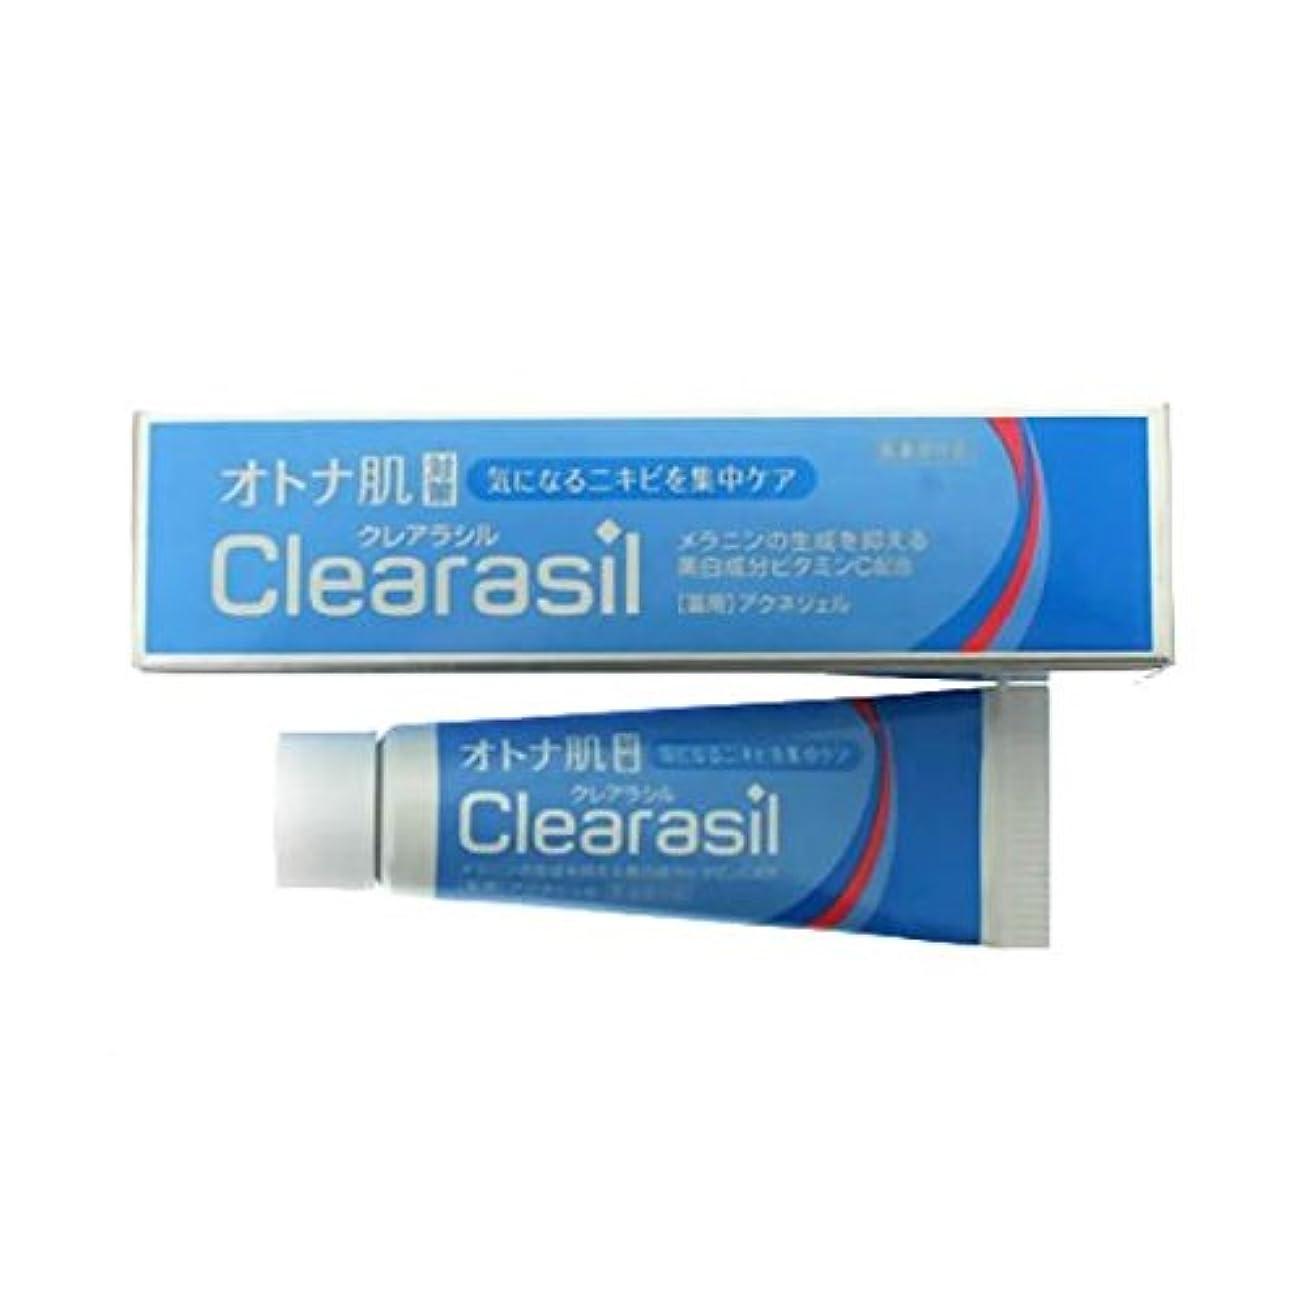 フィラデルフィア害虫閲覧するオトナ肌対策クレアラシル 薬用アクネジェル(14g) ×2セット